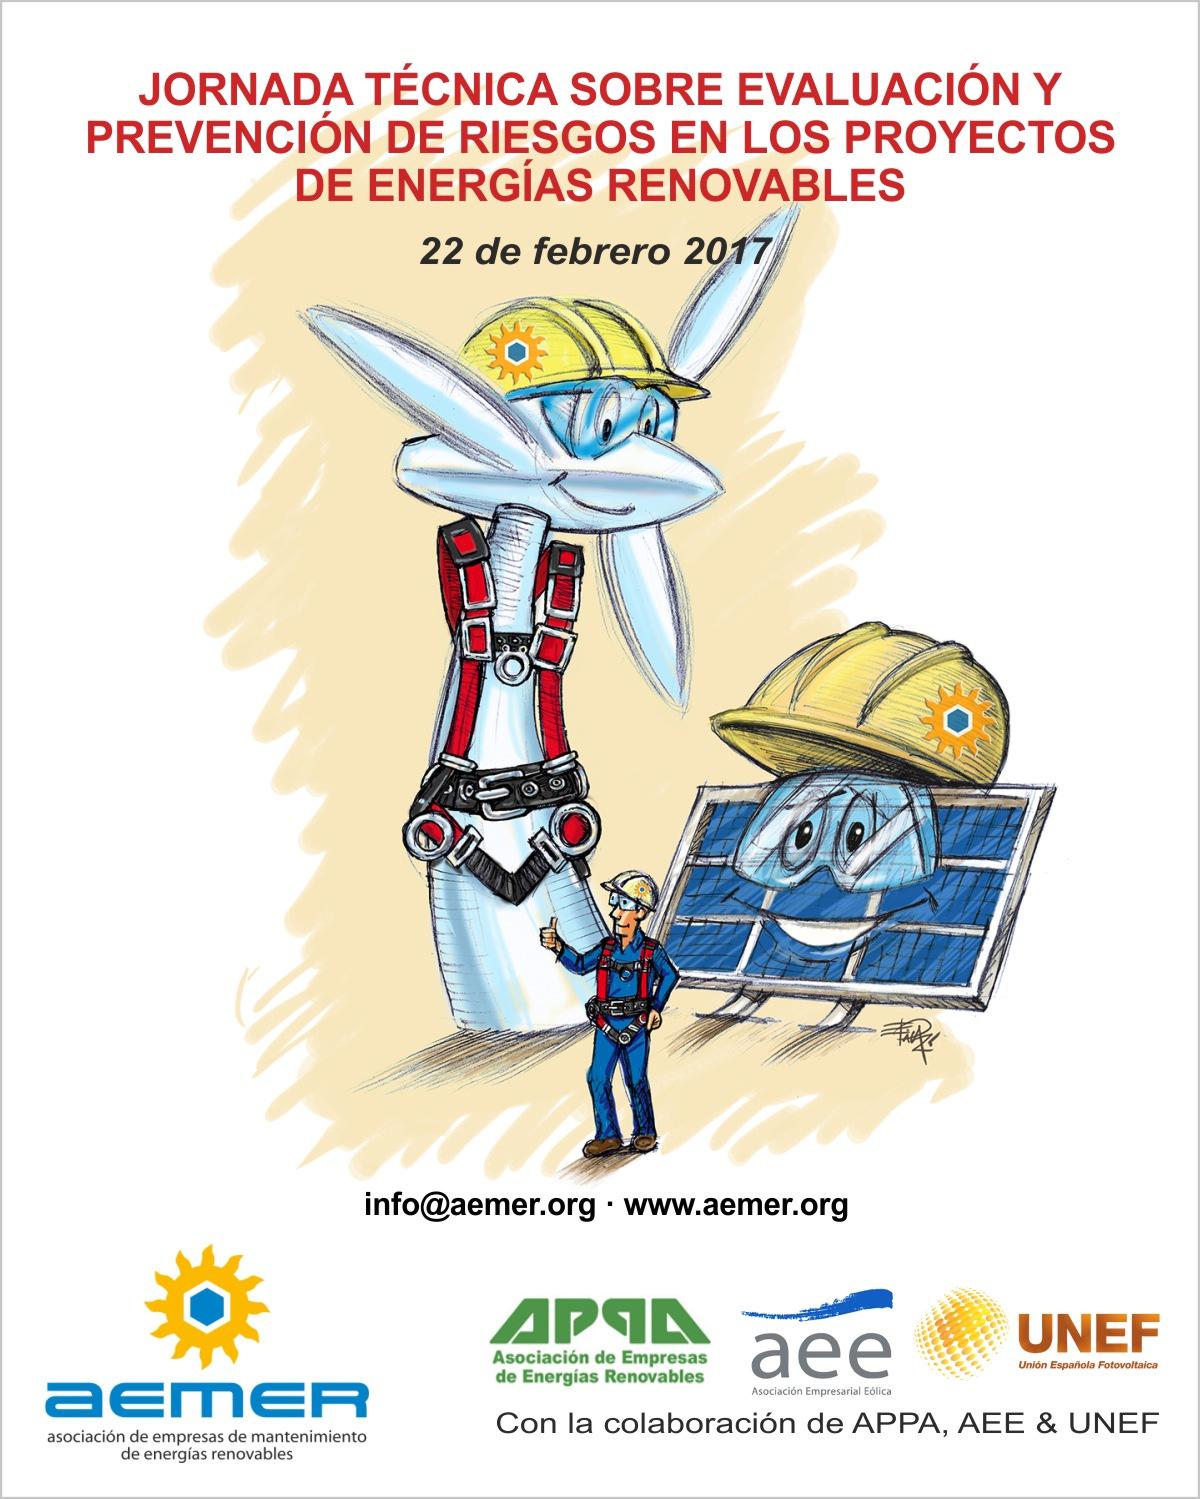 JORNADA TÉCNICA SOBRE EVALUACIÓN Y PREVENCIÓN DE RIESGOS EN LOS PROYECTOS DE ENERGÍAS